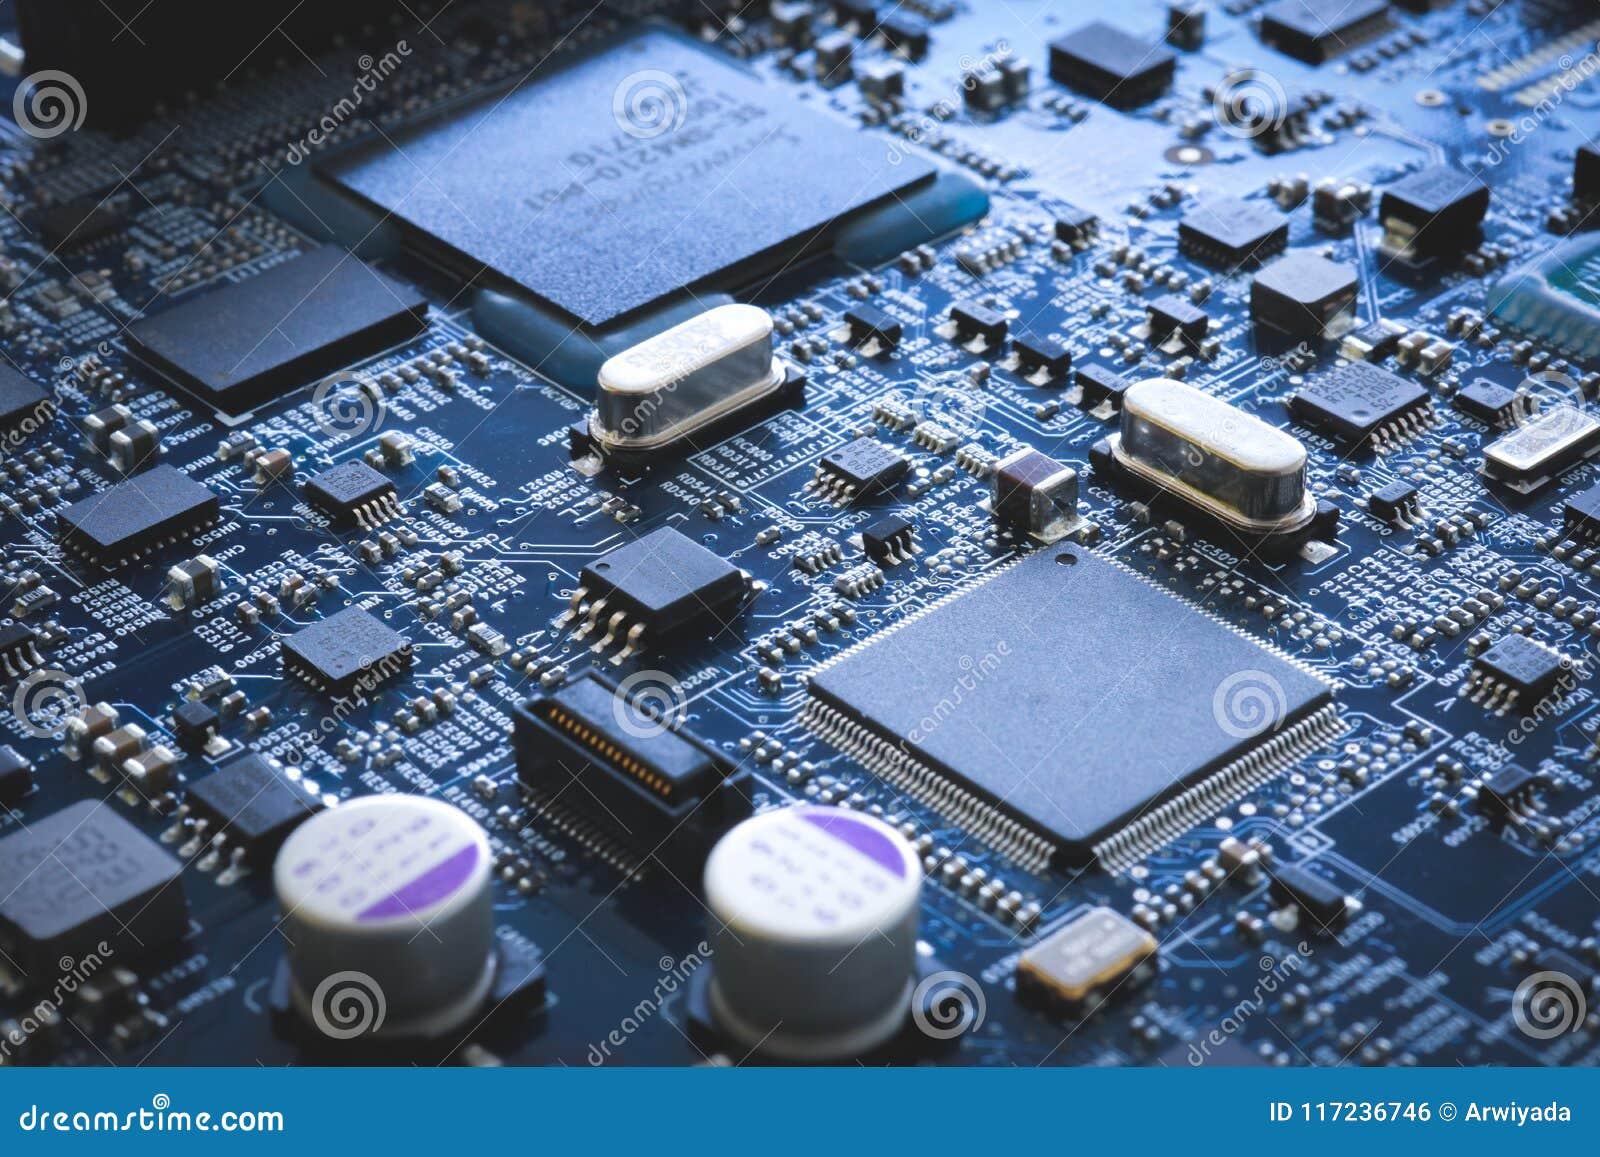 Semiconduttore elettronico del circuito ed hardware della scheda madre